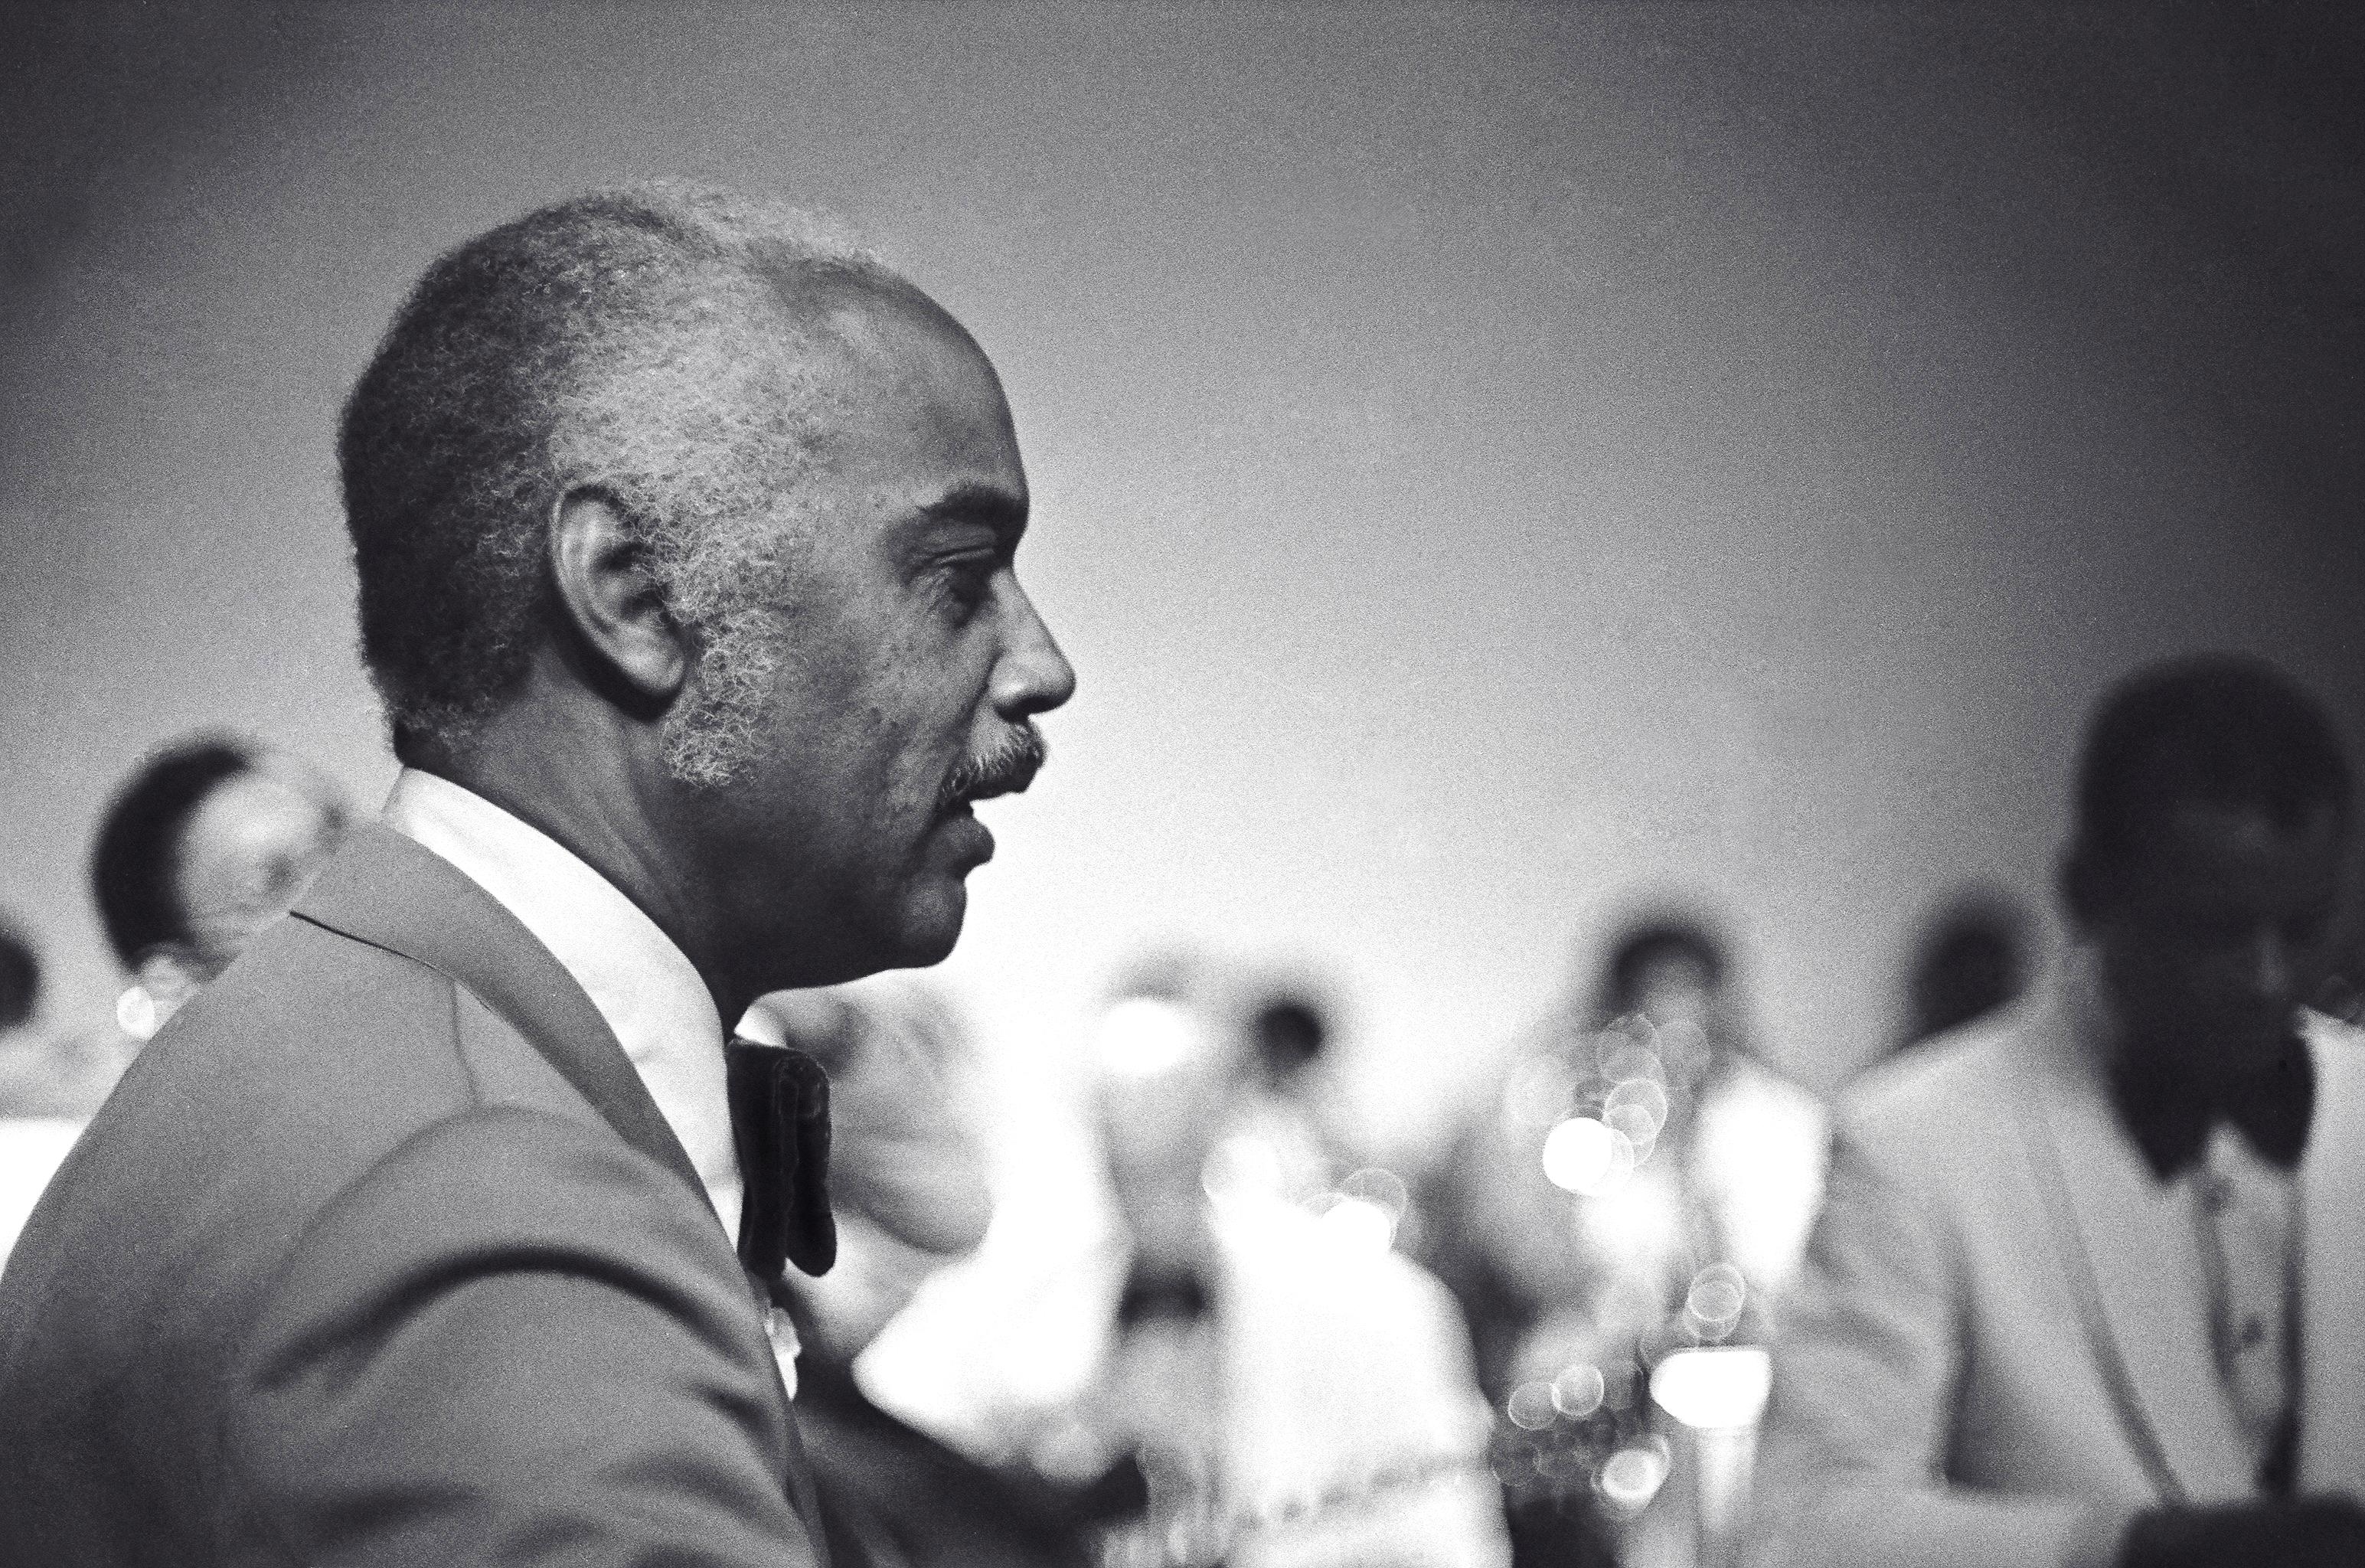 Photo Mercer Ellington via Opendata BNF